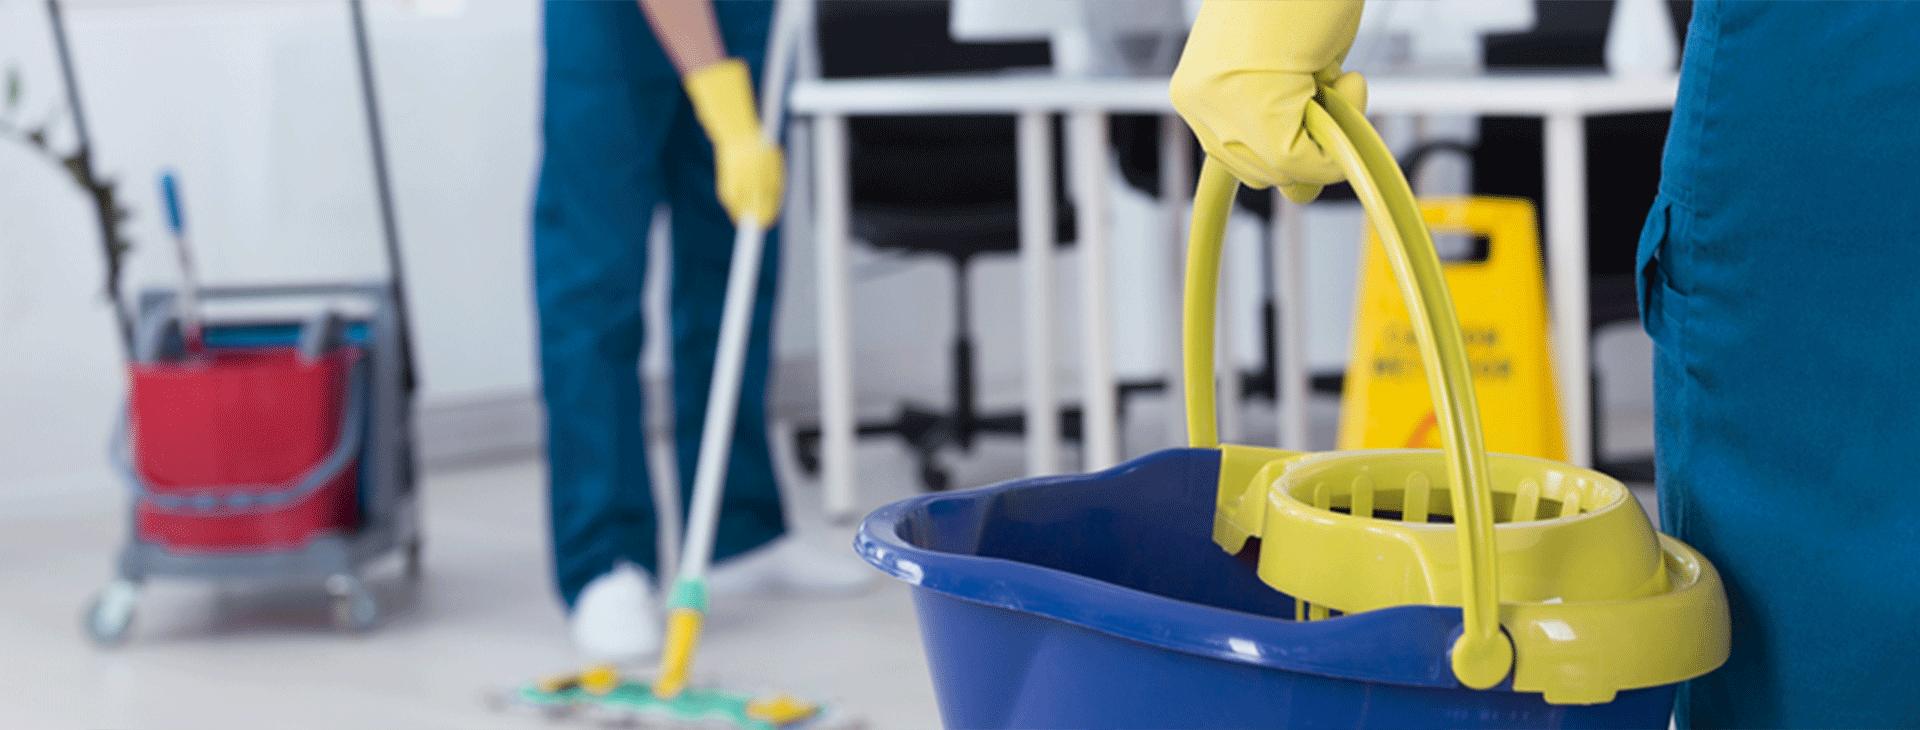 شركة التنظيف والتعقيم بالرياض